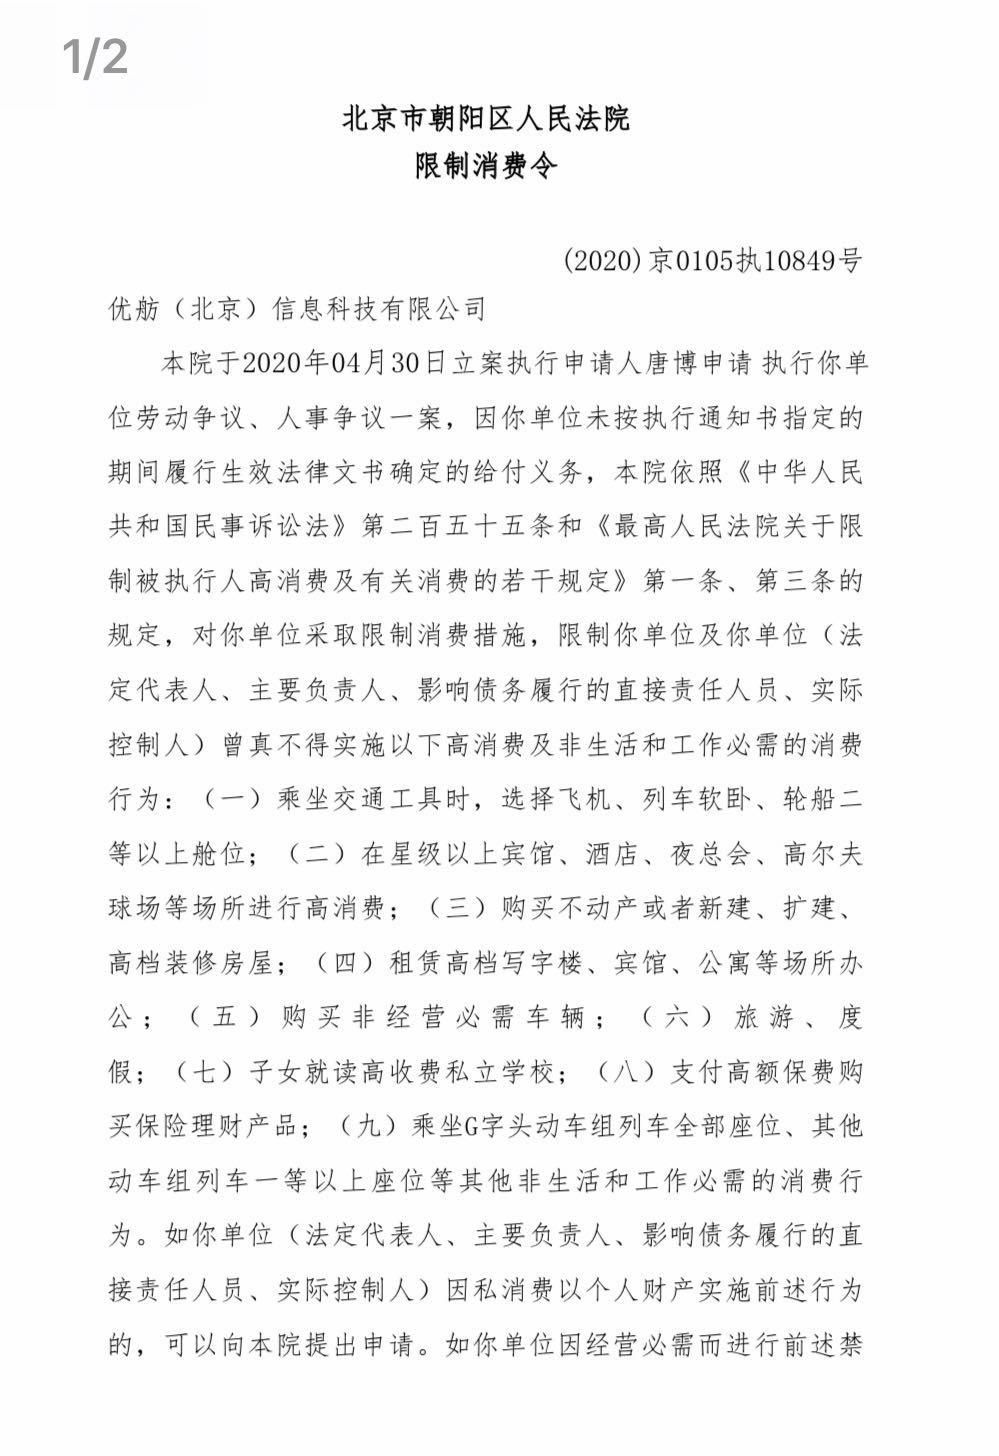 北京朝阳区人民法院向优信二手车CFO及公司法定代表人曾真发限制消费令